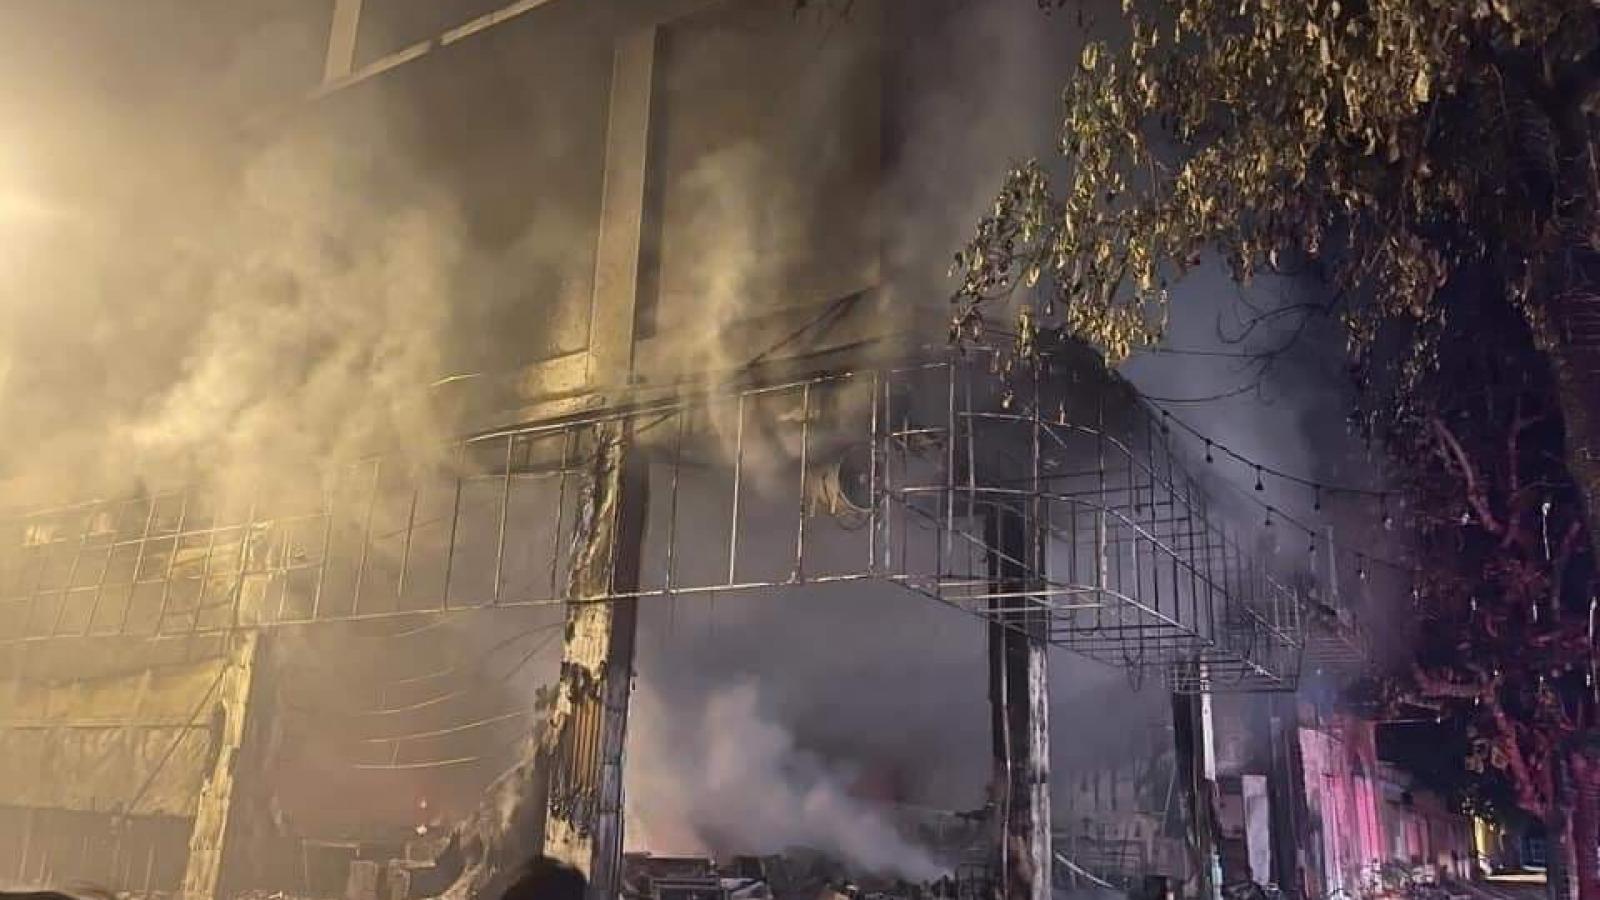 Phòng trà lớn ở thành phố Vinh bốc cháy dữ dội giữa đêm, 6 người thiệt mạng